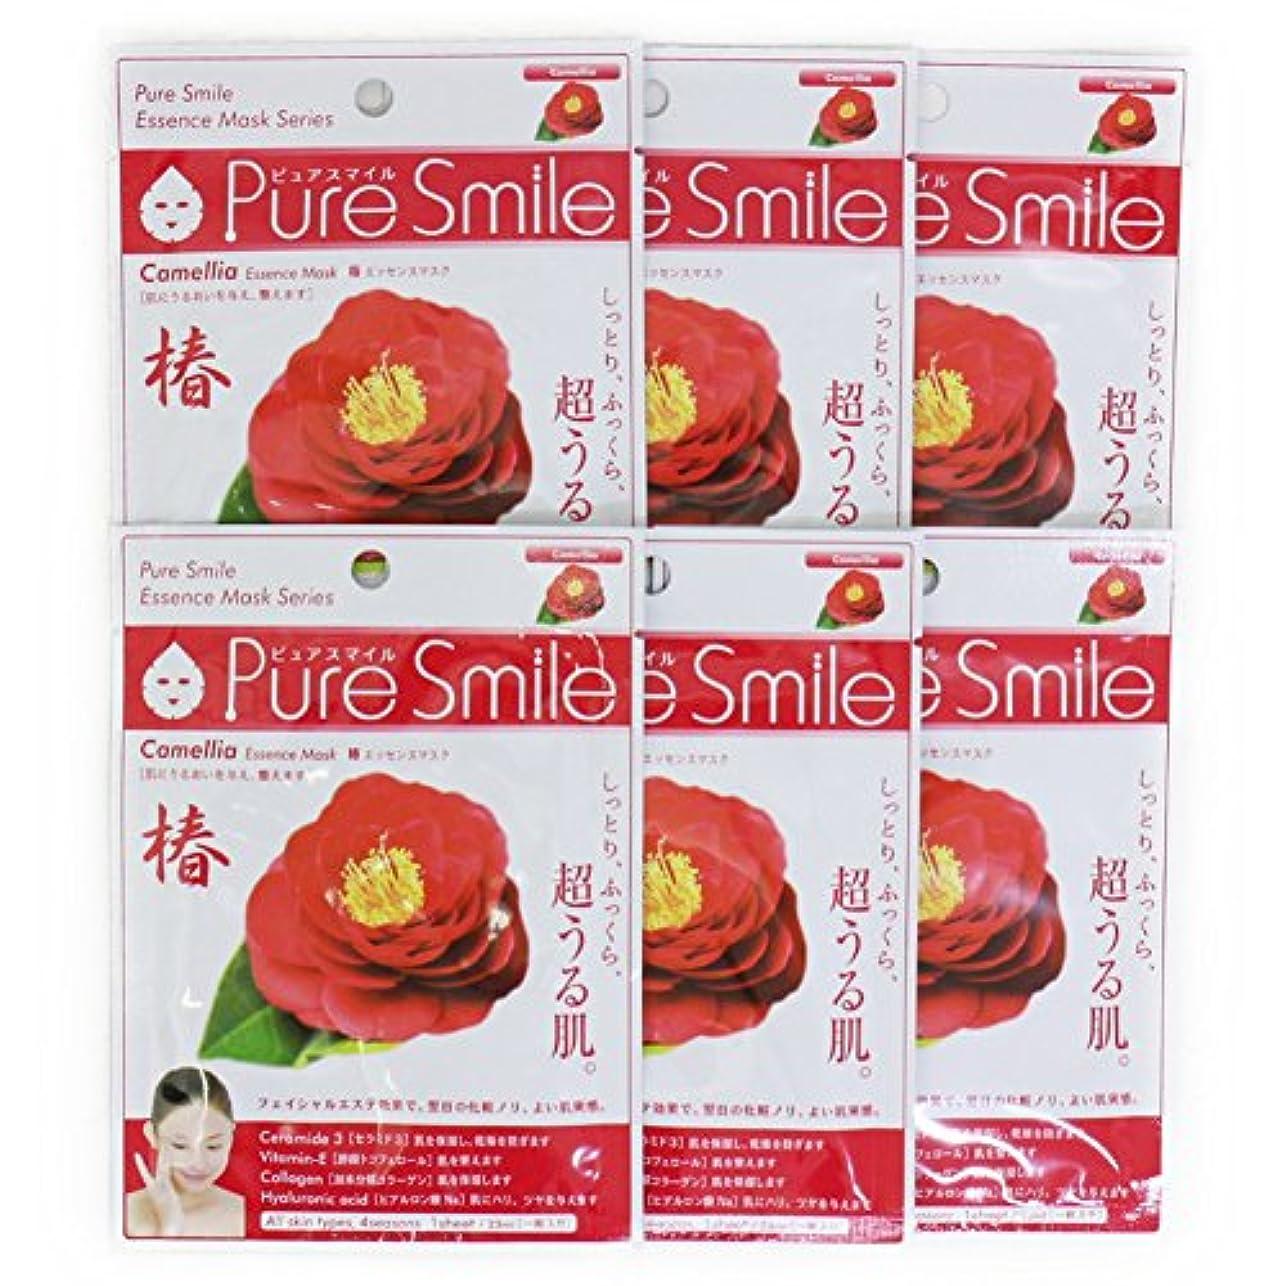 関税写真滞在Pure Smile ピュアスマイル エッセンスマスク 椿 6枚セット